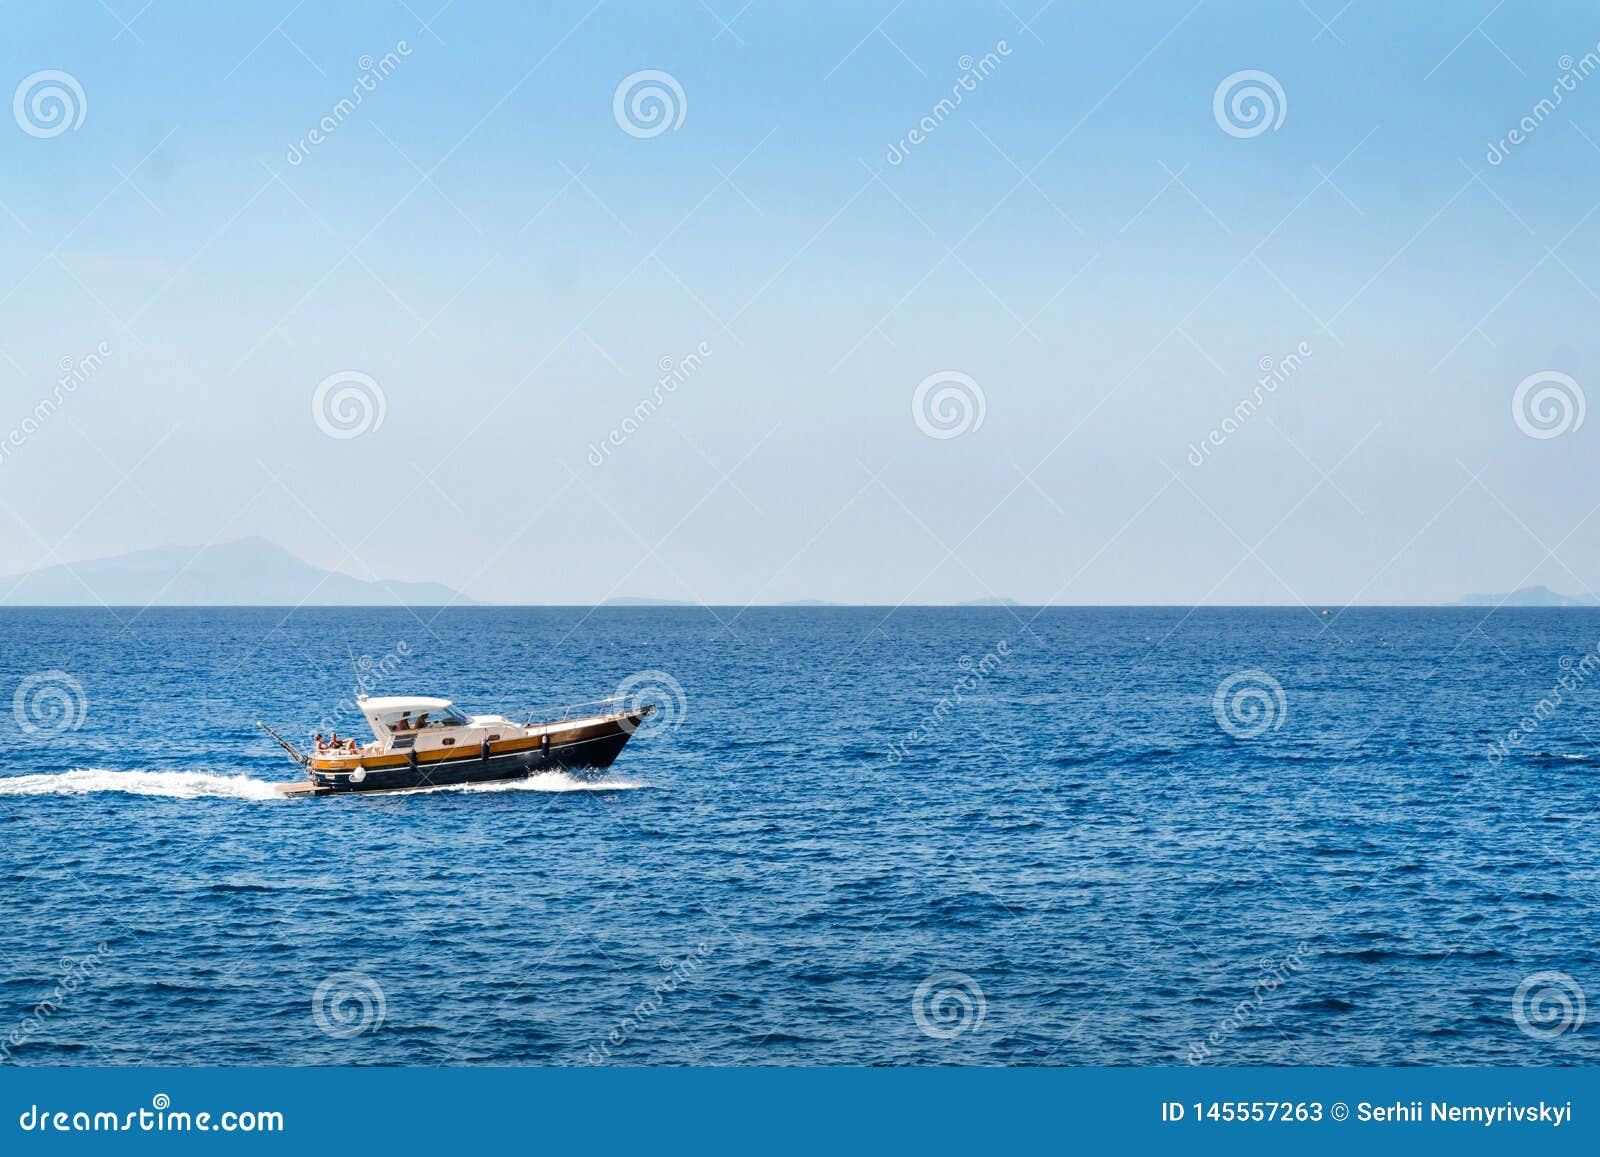 Η βάρκα πολυτέλειας, yaht επιπλέοντας στο νερό, την μπλε θάλασσα και τον ουρανό με το copyspace, μεταφορά χαλαρώνει και σκοντάφτε